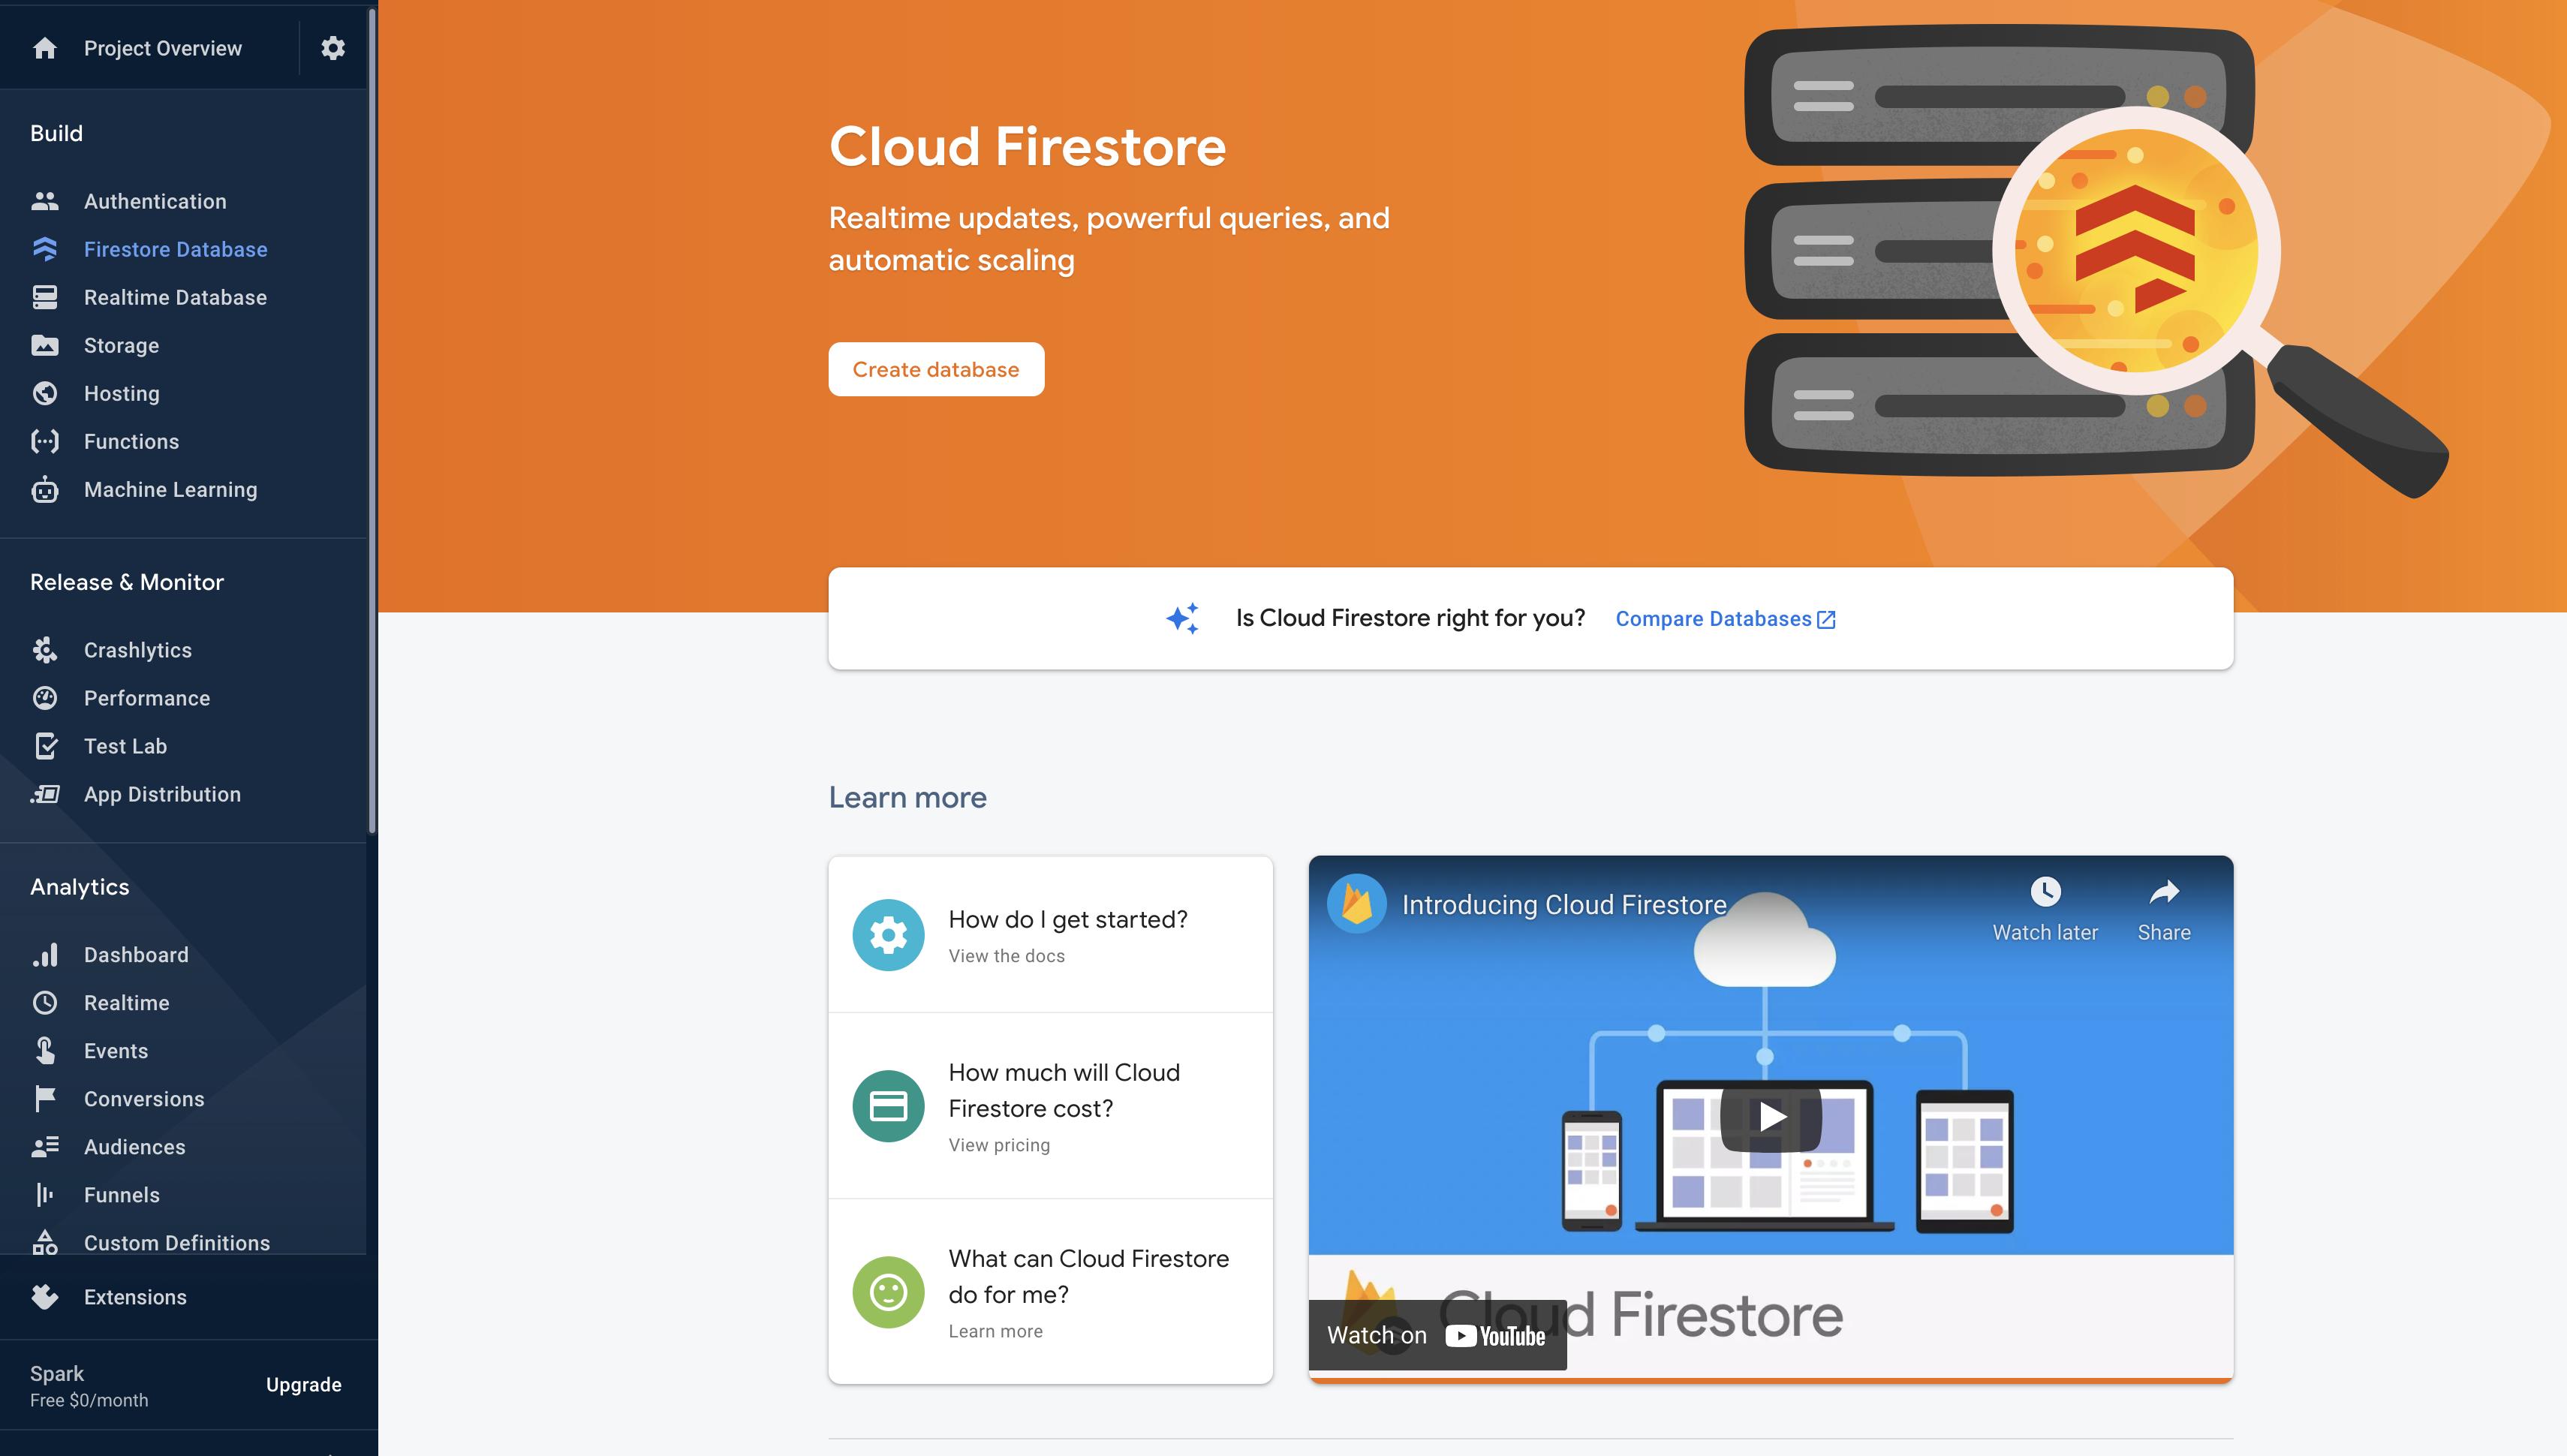 Firestore Landing Page